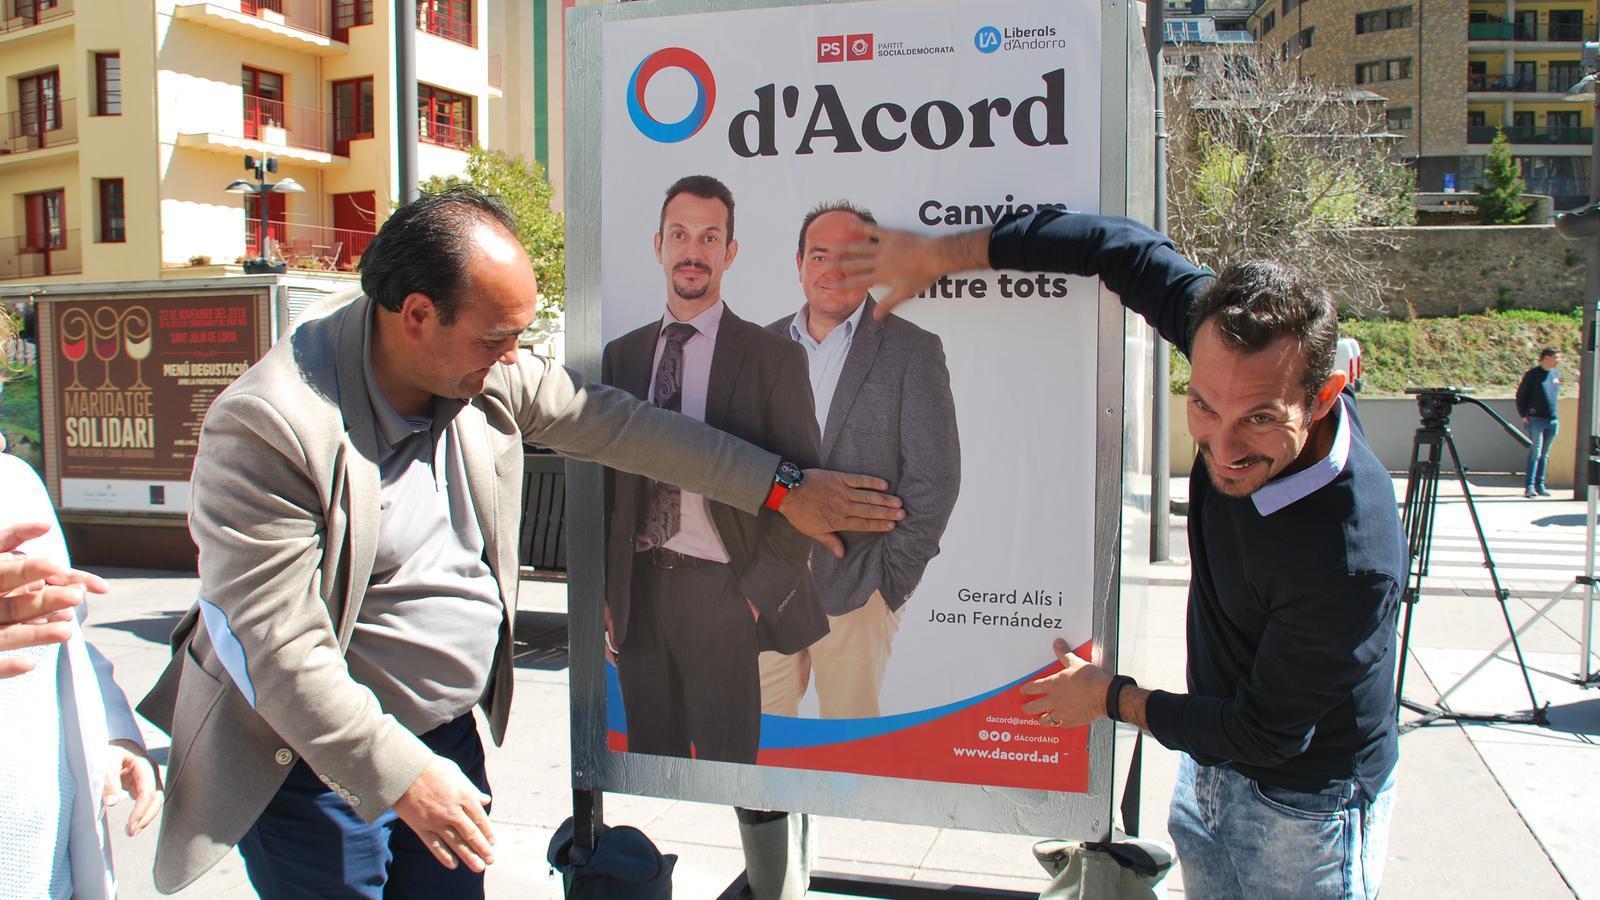 L'enganxada de cartells de d'Acord a Sant Julià. / C. G.